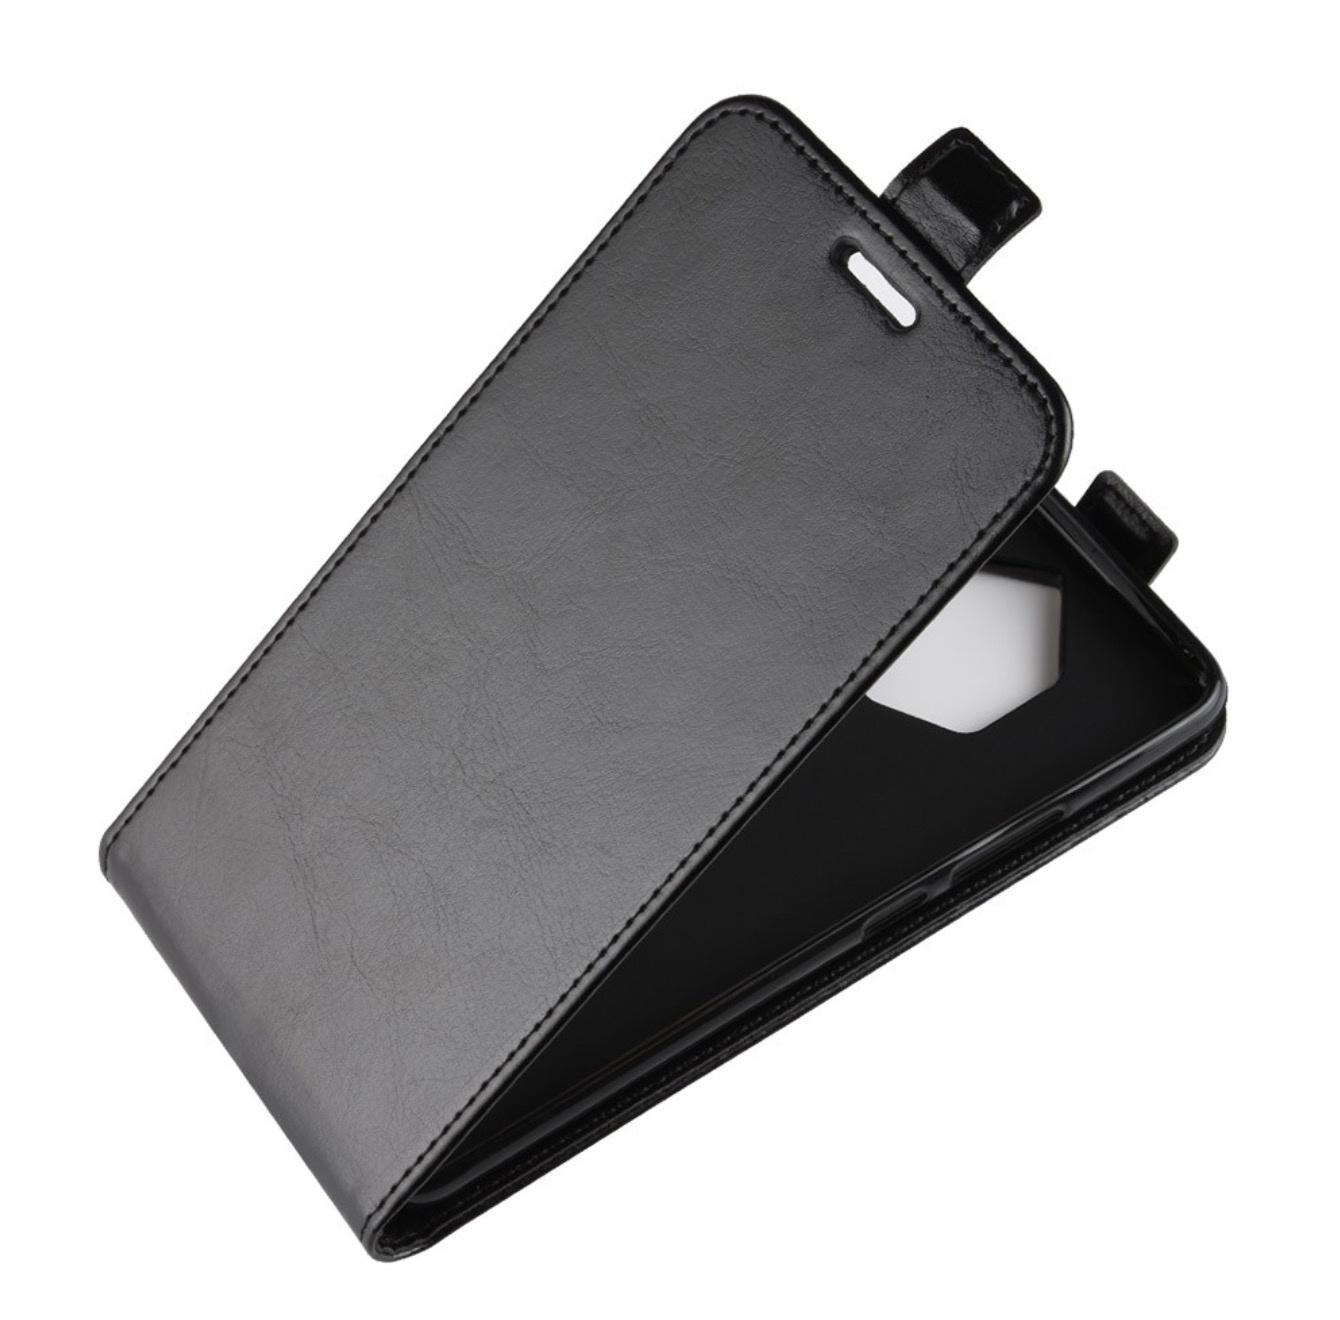 Чехол-флип MyPads для Alcatel One Touch POP C7 7040D/7041D вертикальный откидной черный alcatel one touch pop c7 7041d dual sim black